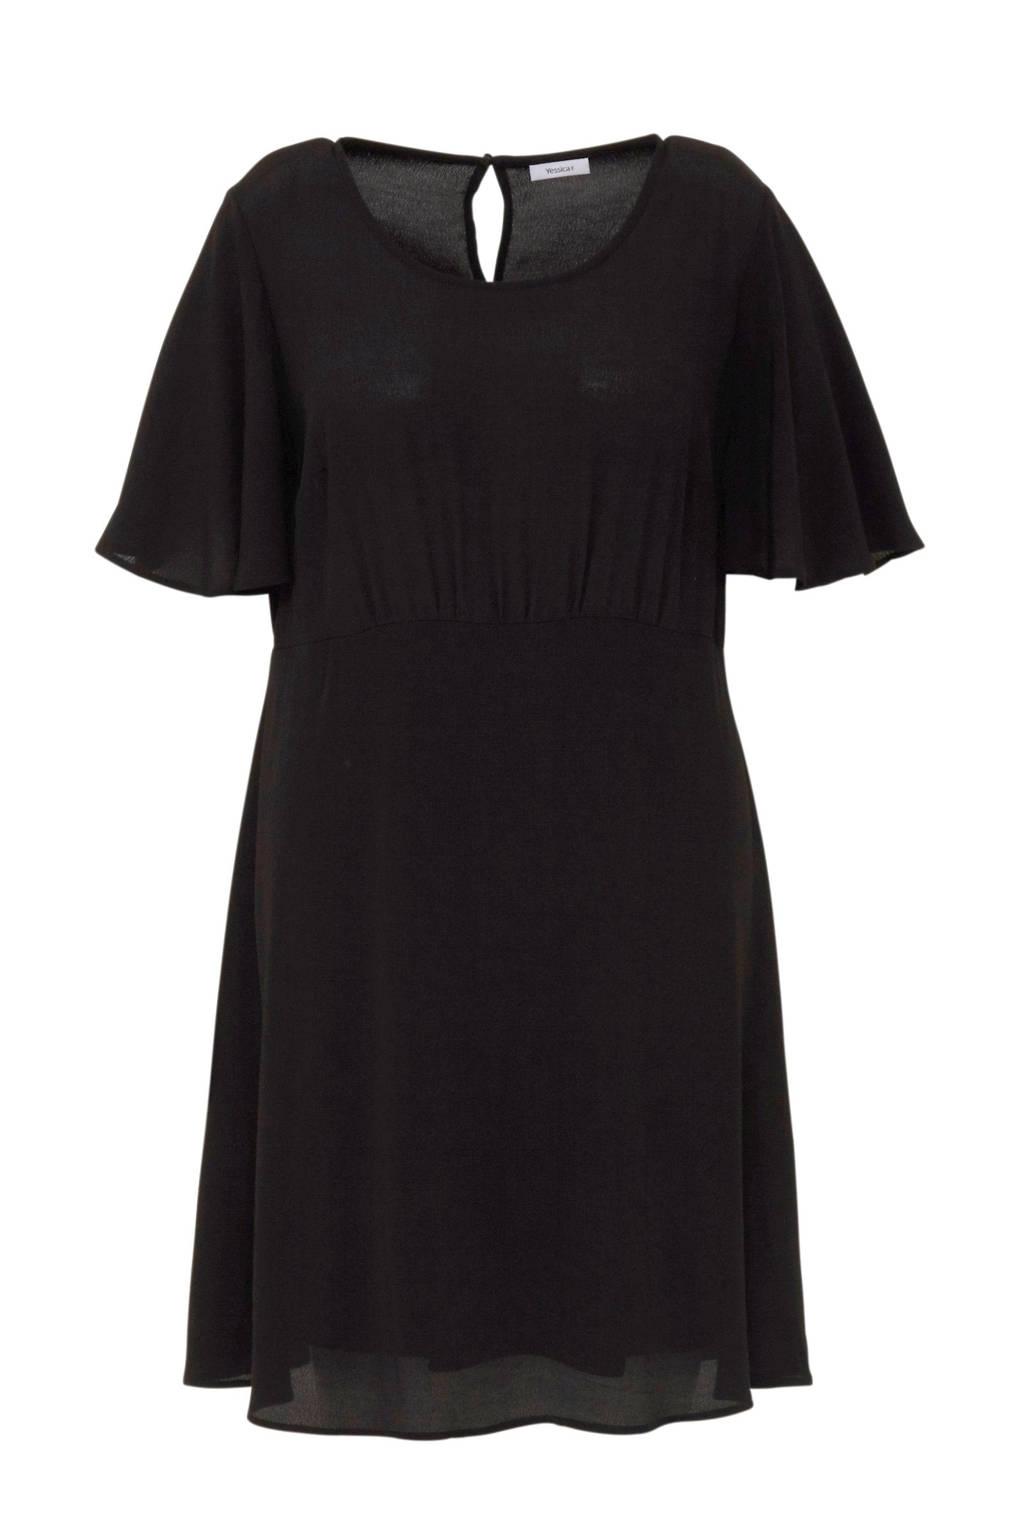 C&A XL Yessica jurk met volantmouwen, Zwart